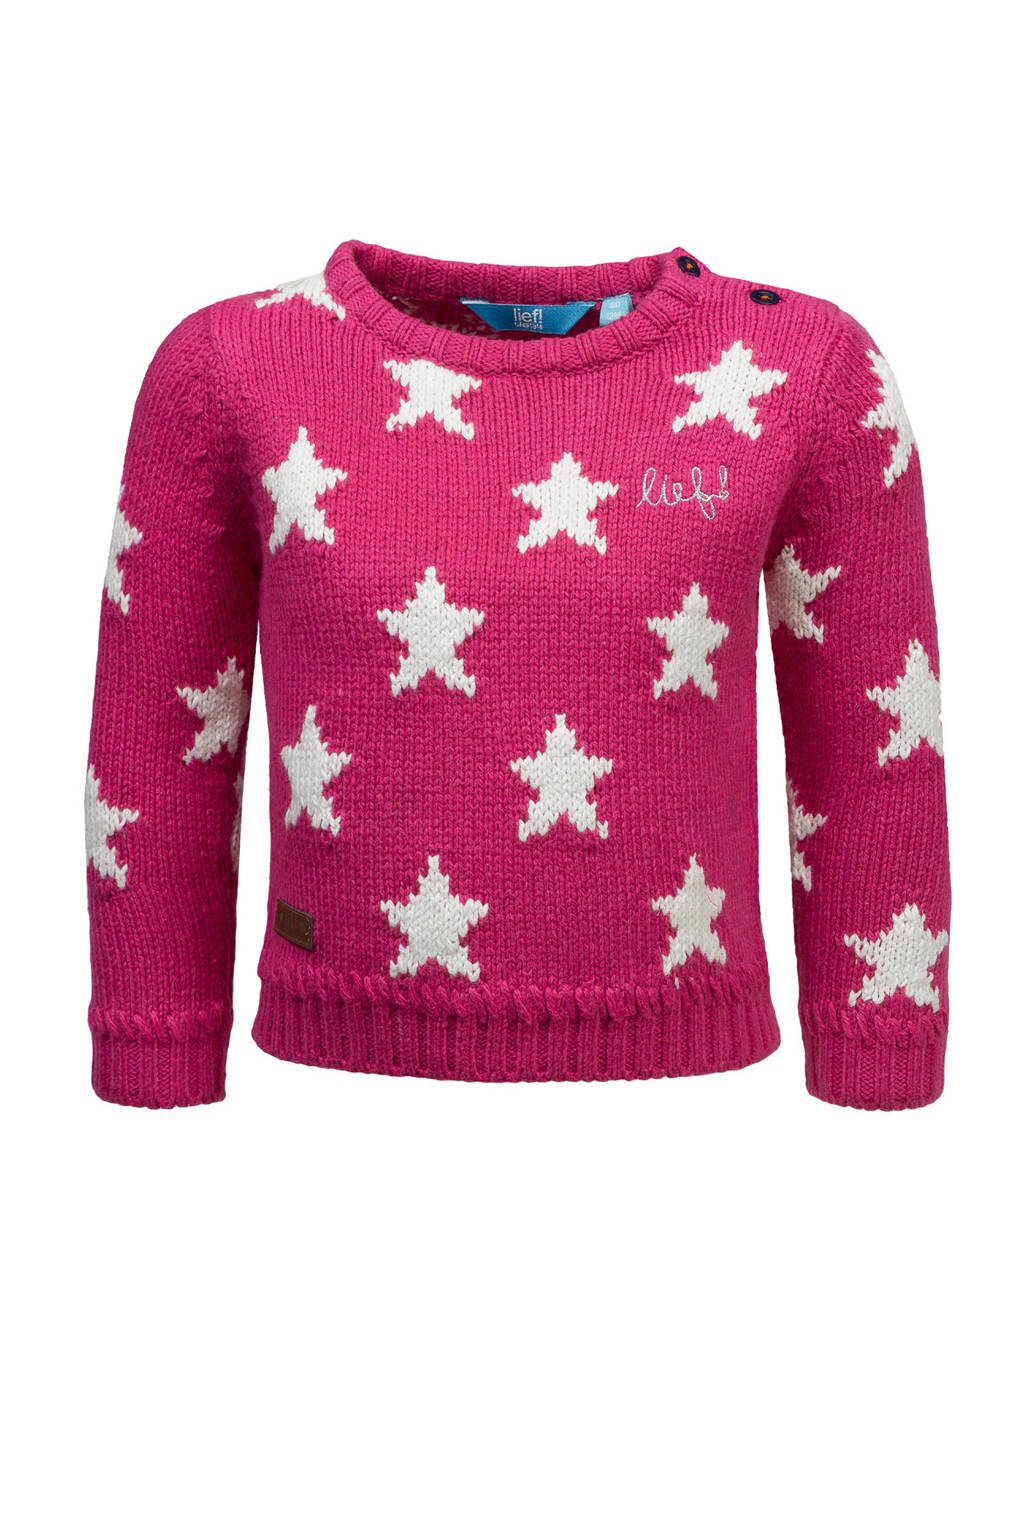 lief! trui met sterren roze, Roze/wit